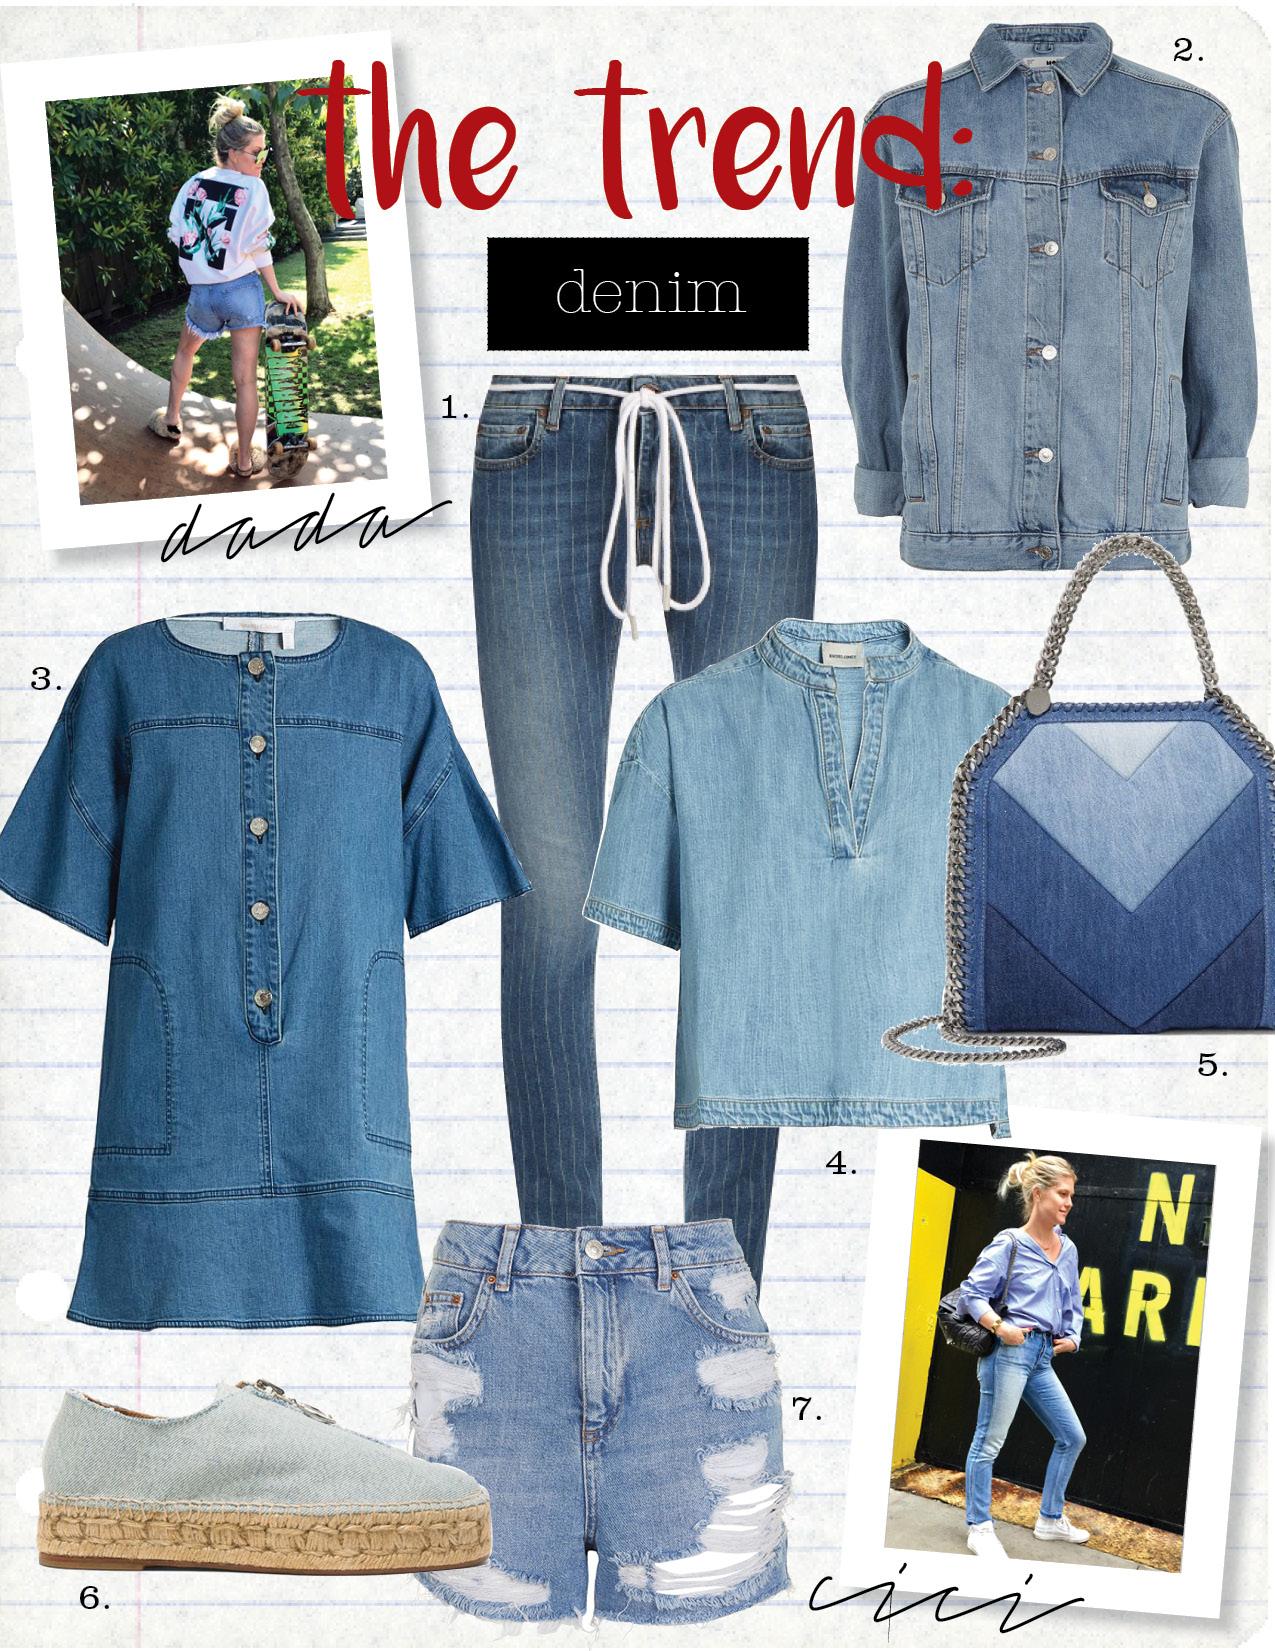 1. off-white pinstriped skinny jeans, $425,  matchesfashion.com  2. topshop moto oversized denim jacket, $90,  topshop.com  3. see by chloe button-front denim dress, $285,  matchesfashion.com  4. rachel comey gabe mandarin-collar denim top, $180,  matchesfashion.com  5. stella mccartney falabella paneled denim shoulder bag, $1085,  net-a-porter.com  6. alexander wang denim devon espadrilles, $350,  fwrd.com  7. topshop moto high waisted rip mom short, $60,  topshop.com